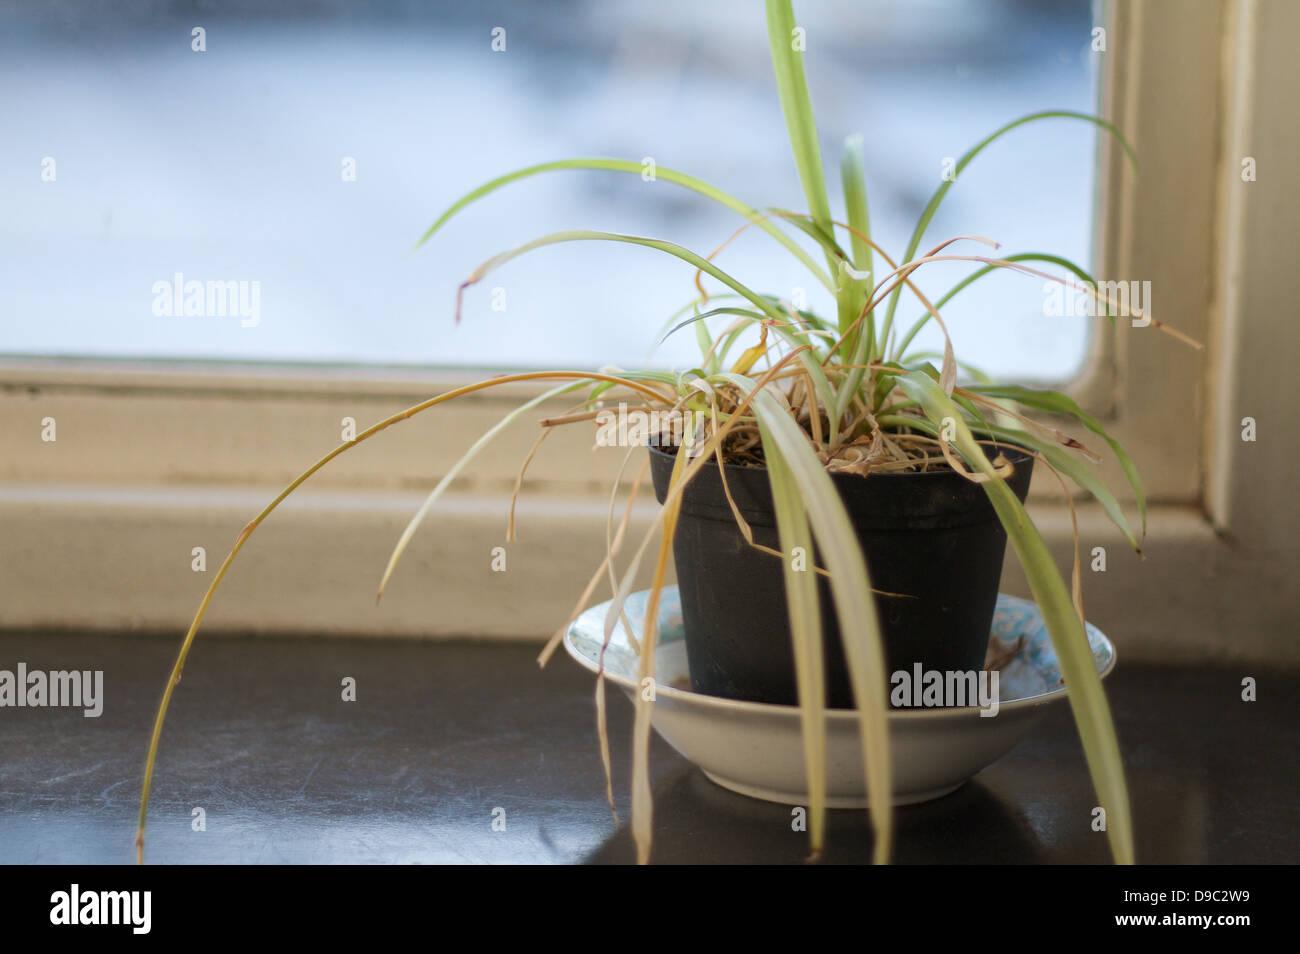 Mourir triste et morne de plantes en pot dans un bureau sur un rebord de fenêtre Photo Stock